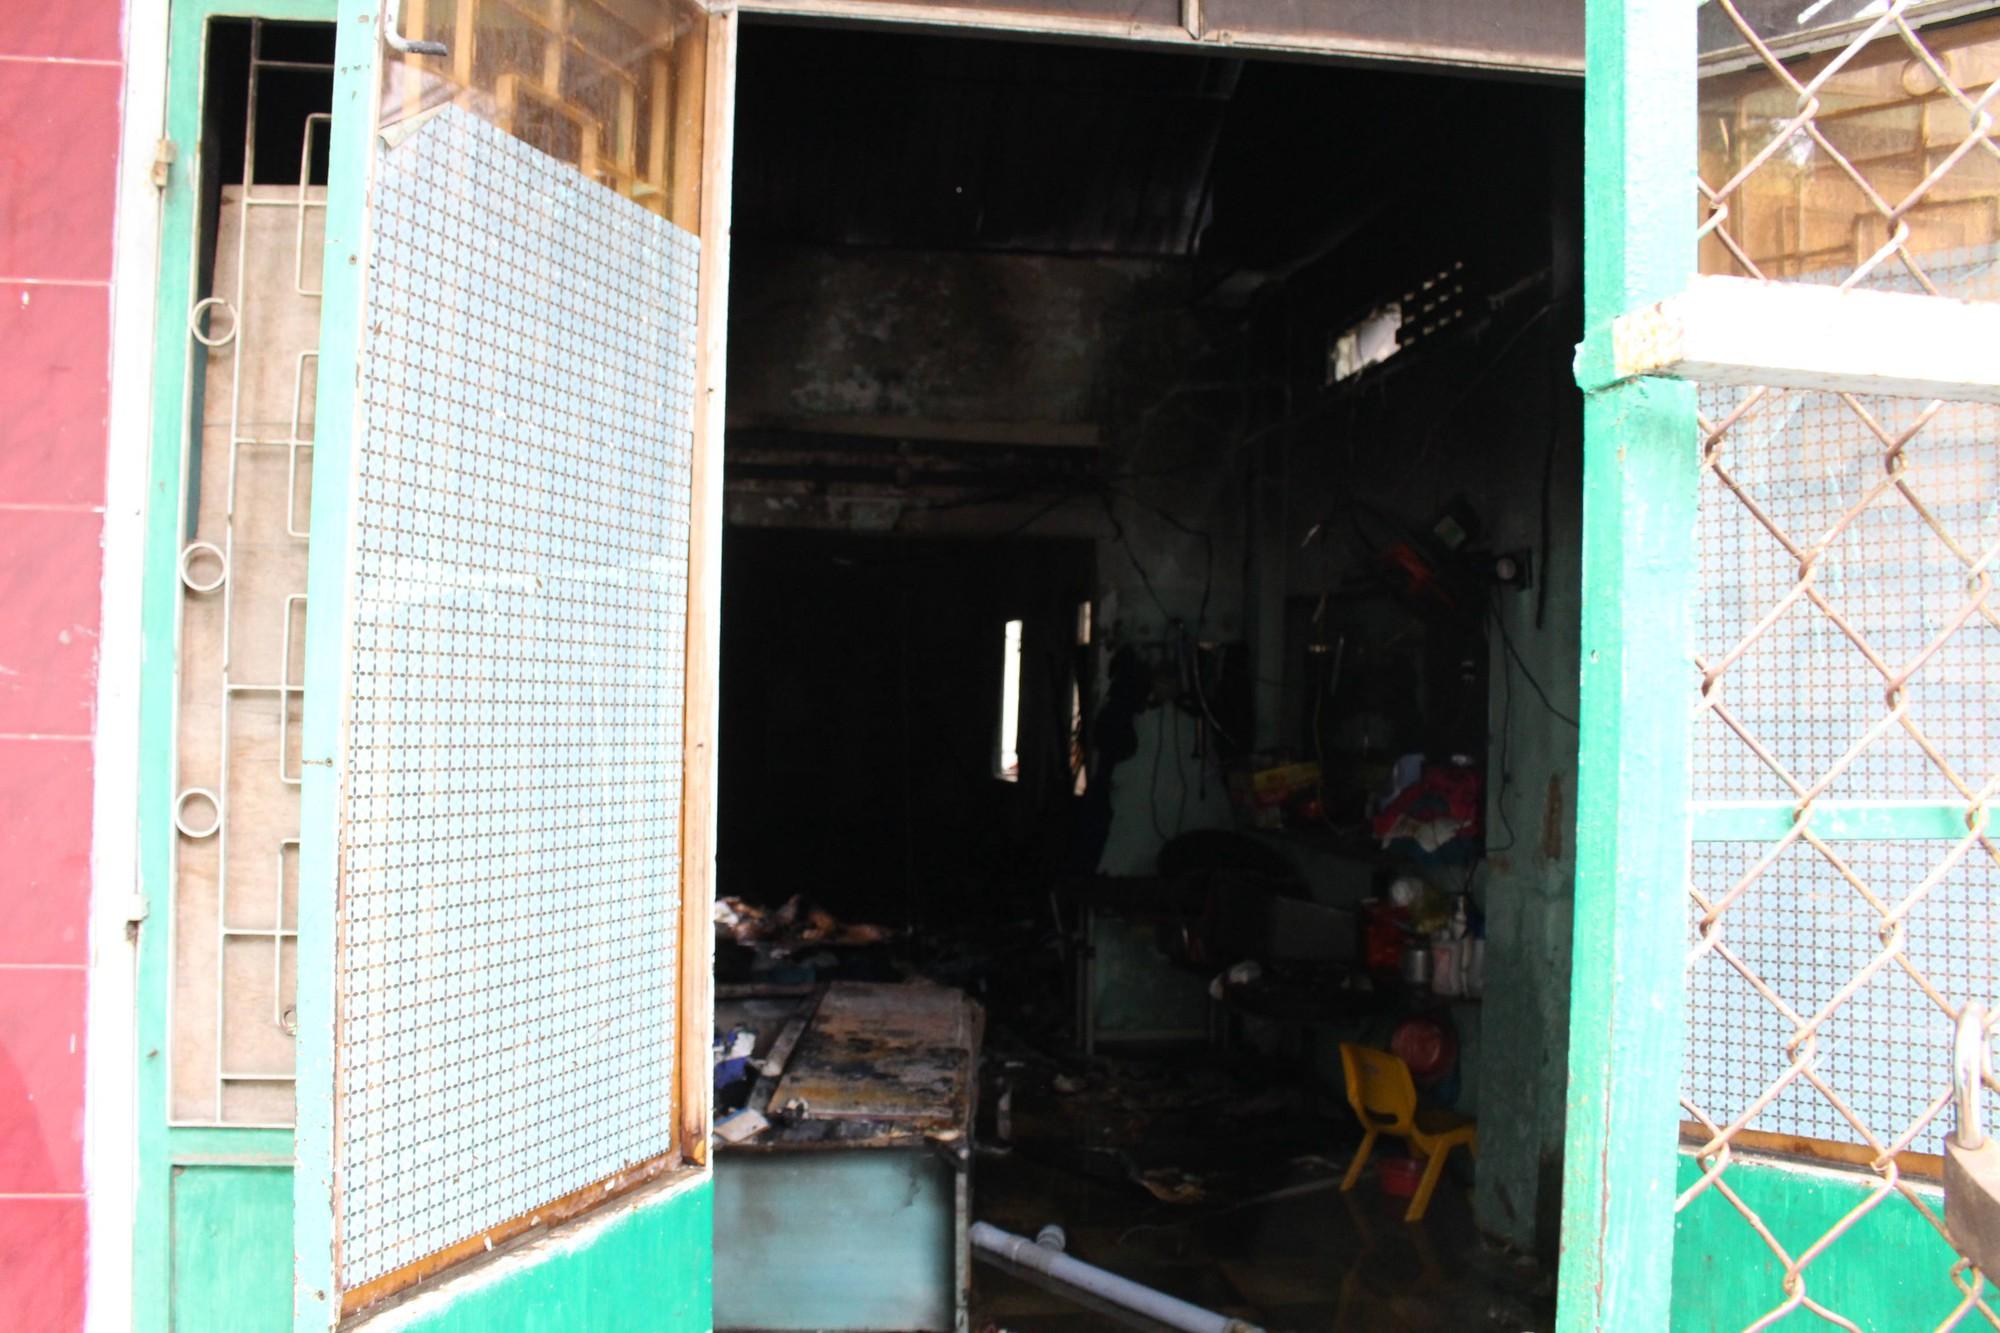 Đà Nẵng: Cháy lan tại nhà trọ giữa trưa, cả xóm náo loạn 4